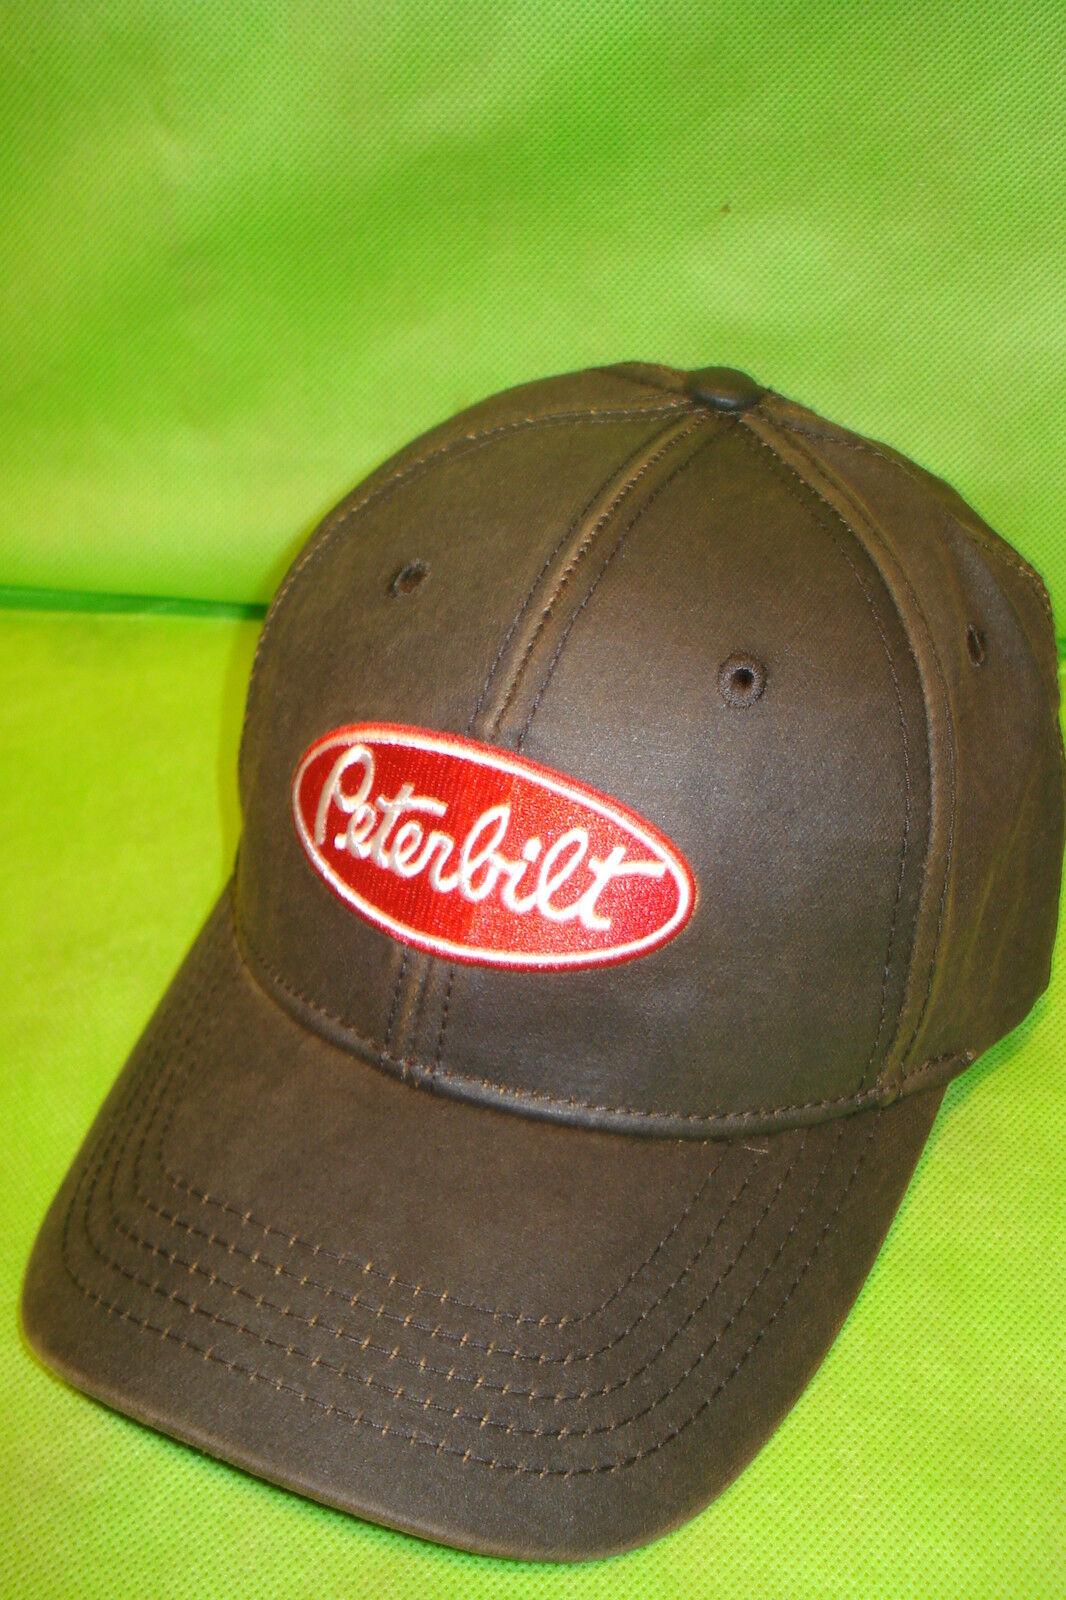 Peterbilt Hat: Oilcloth Brown Peterbilt Cap Free Shipping